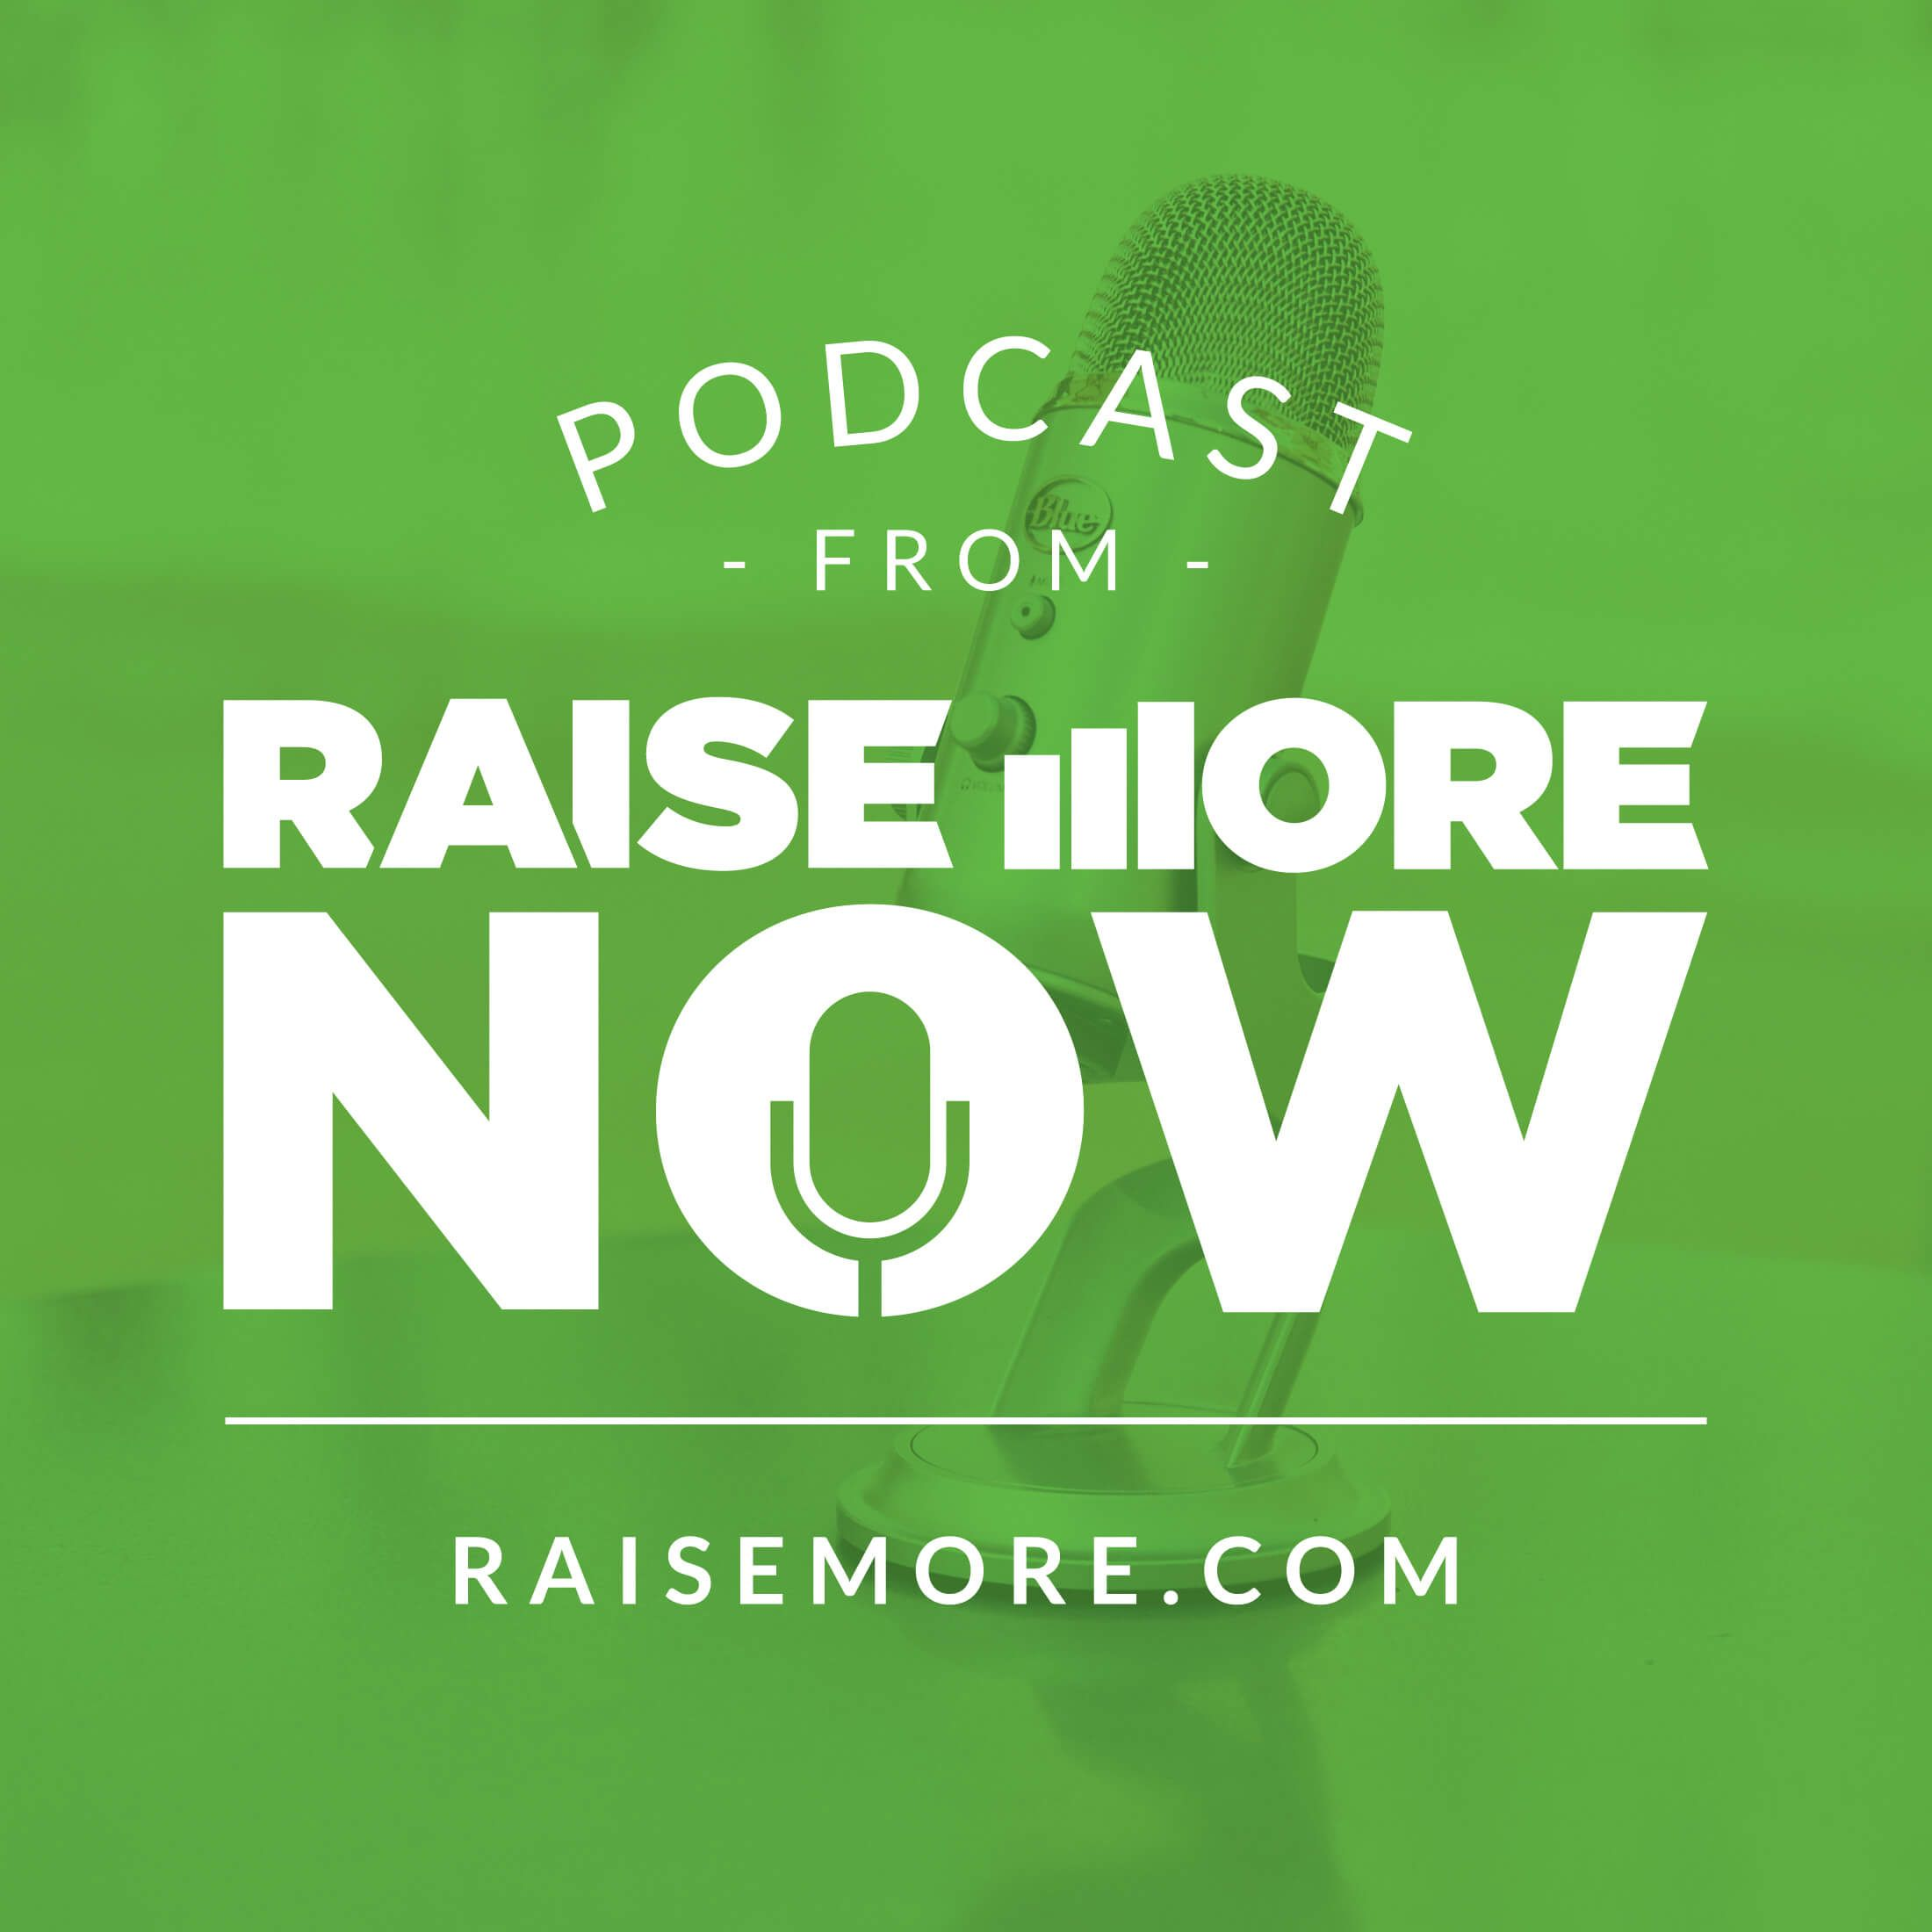 RaiseMore Now